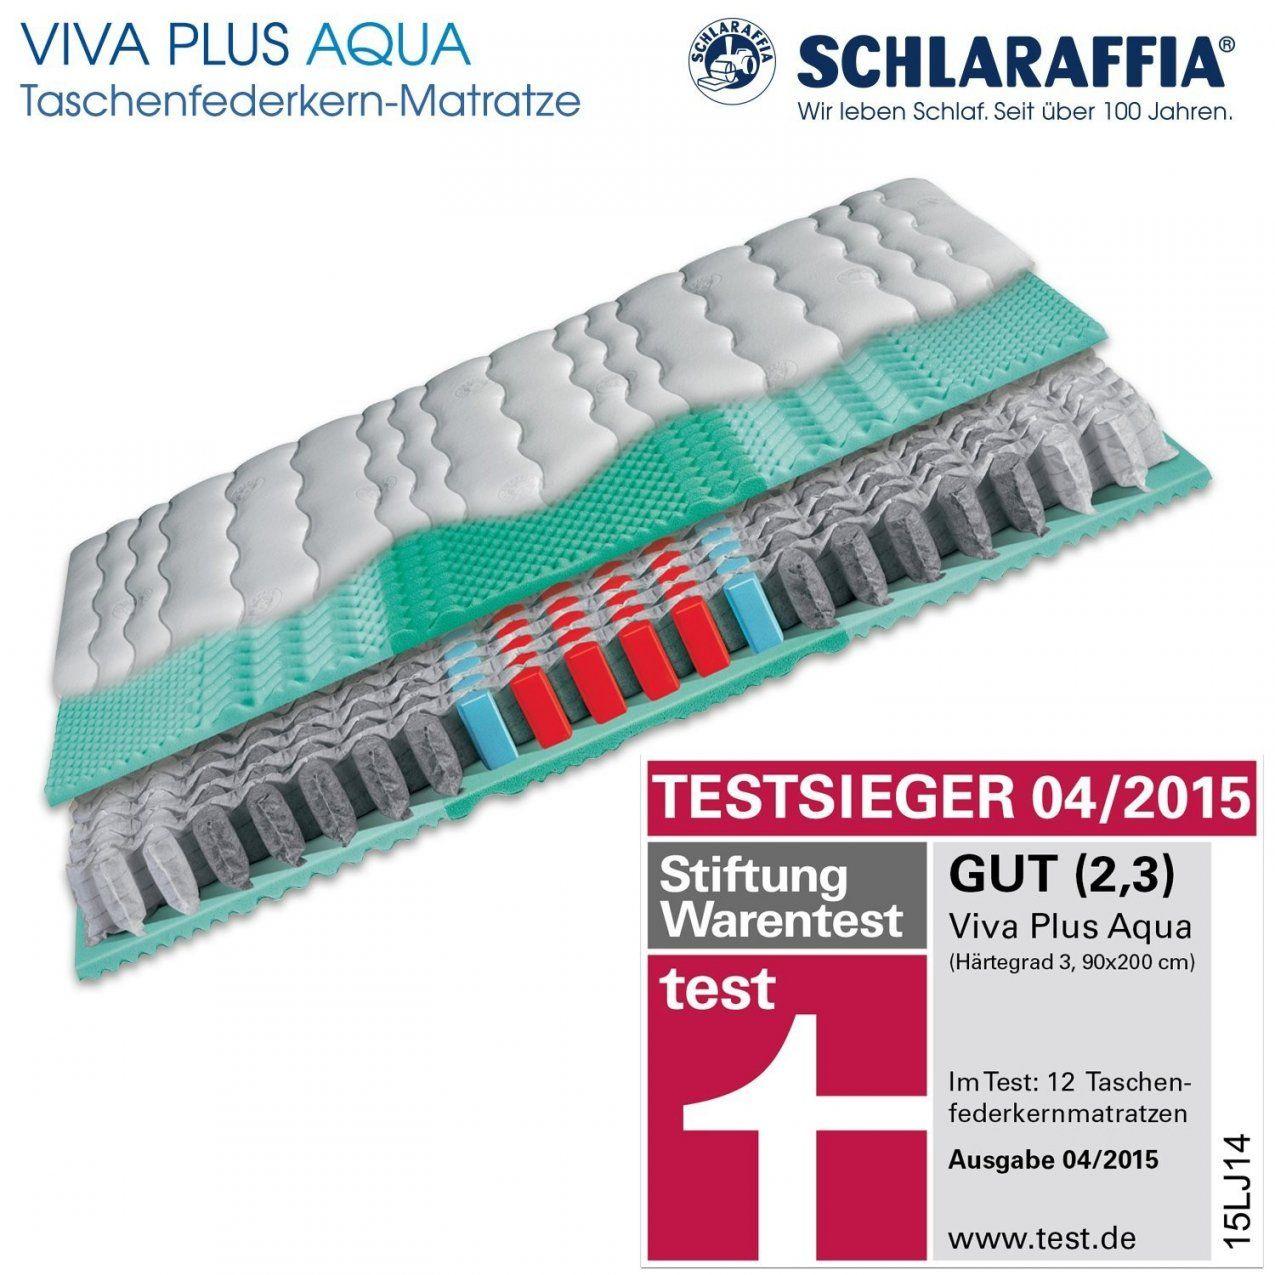 Unique Schlaraffia Viva Plus Aqua Taschenfederkern Plus Matratze 80 von Schlaraffia Viva Plus Aqua H3 90X200 Photo